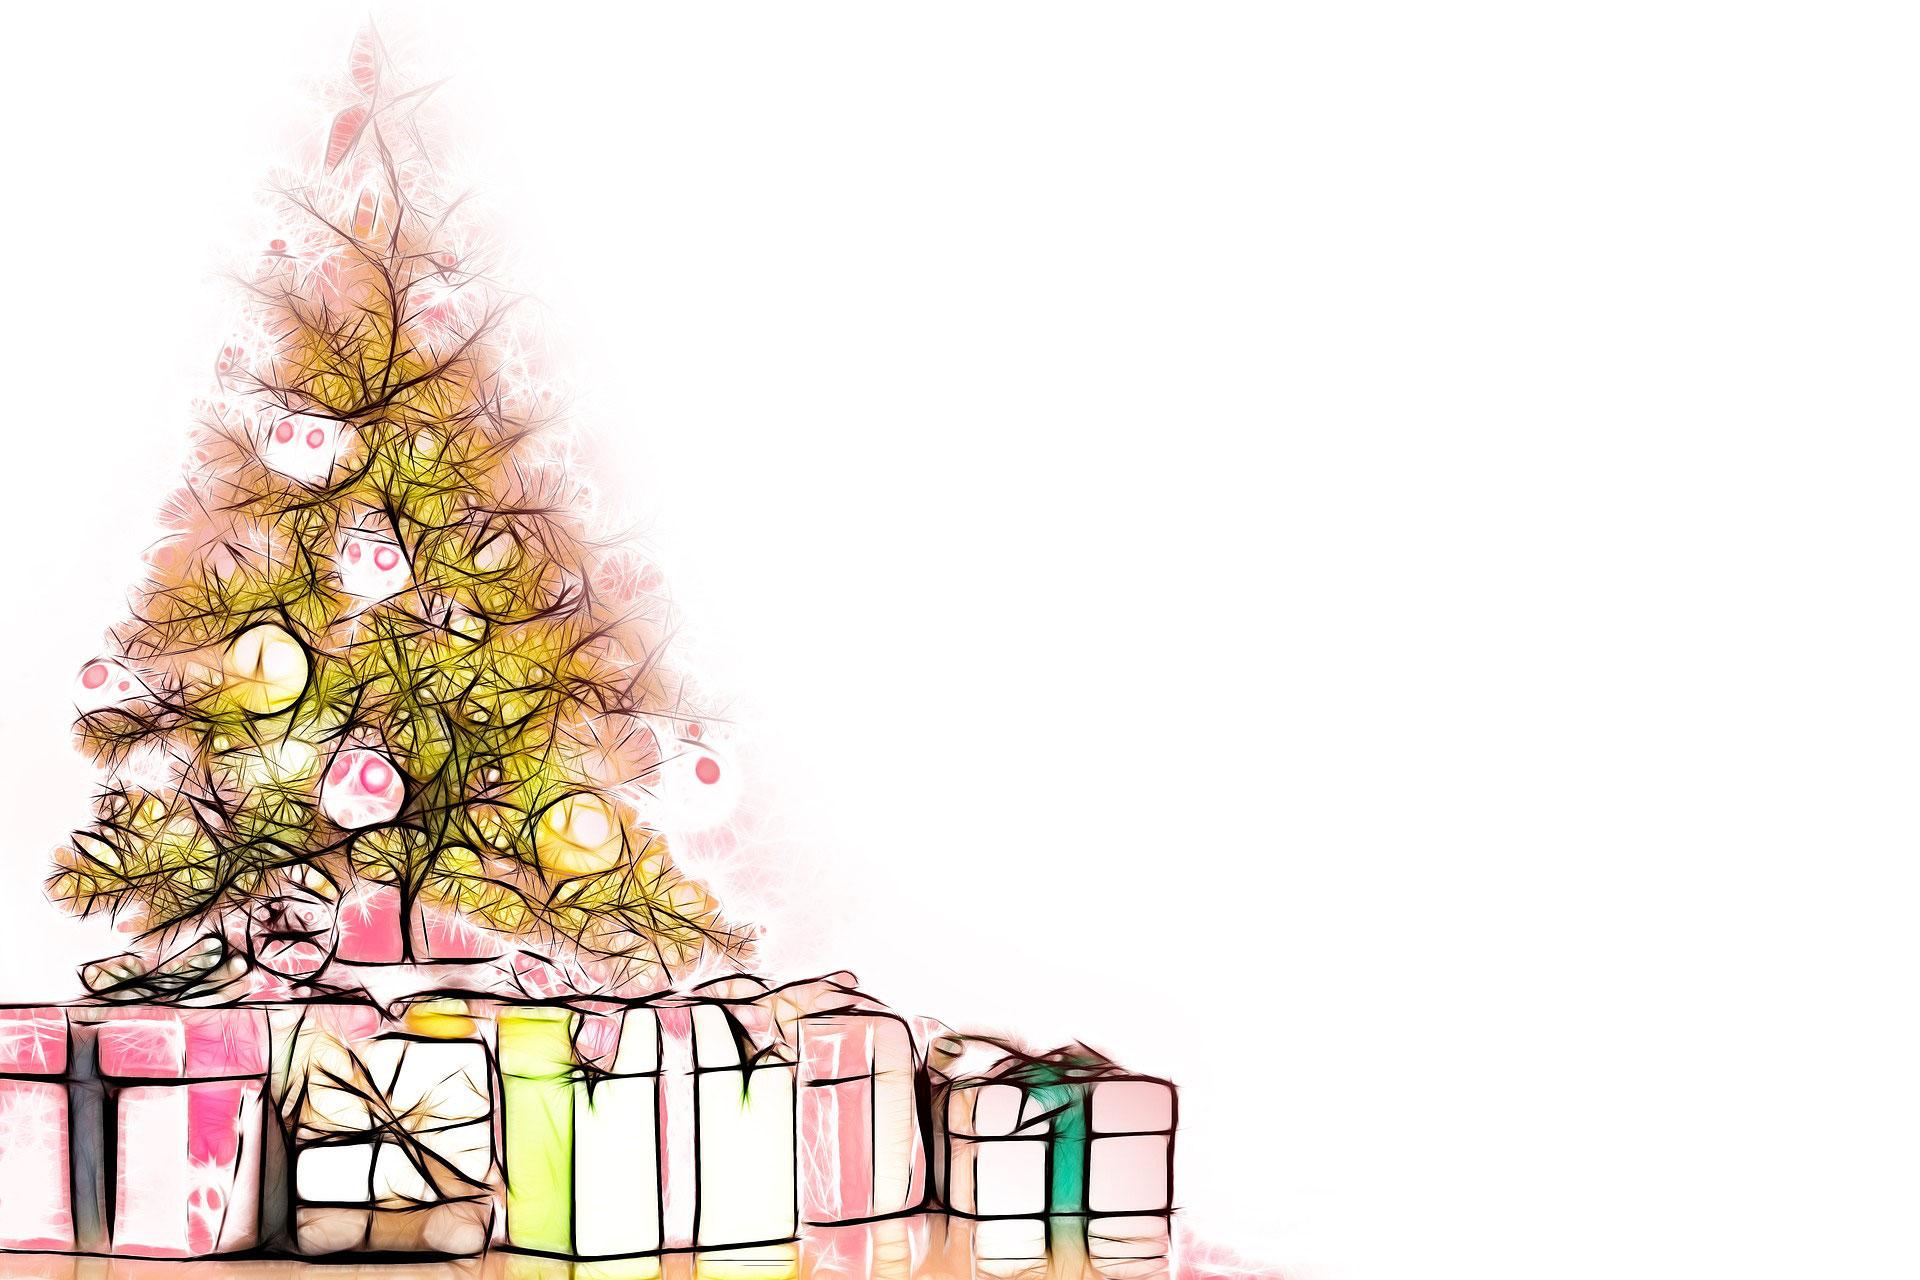 Die Besten Weihnachtslieder An Heiligabend.Heiligabend 123geschenkeshop Jetzt Schnell Und Einfach Die